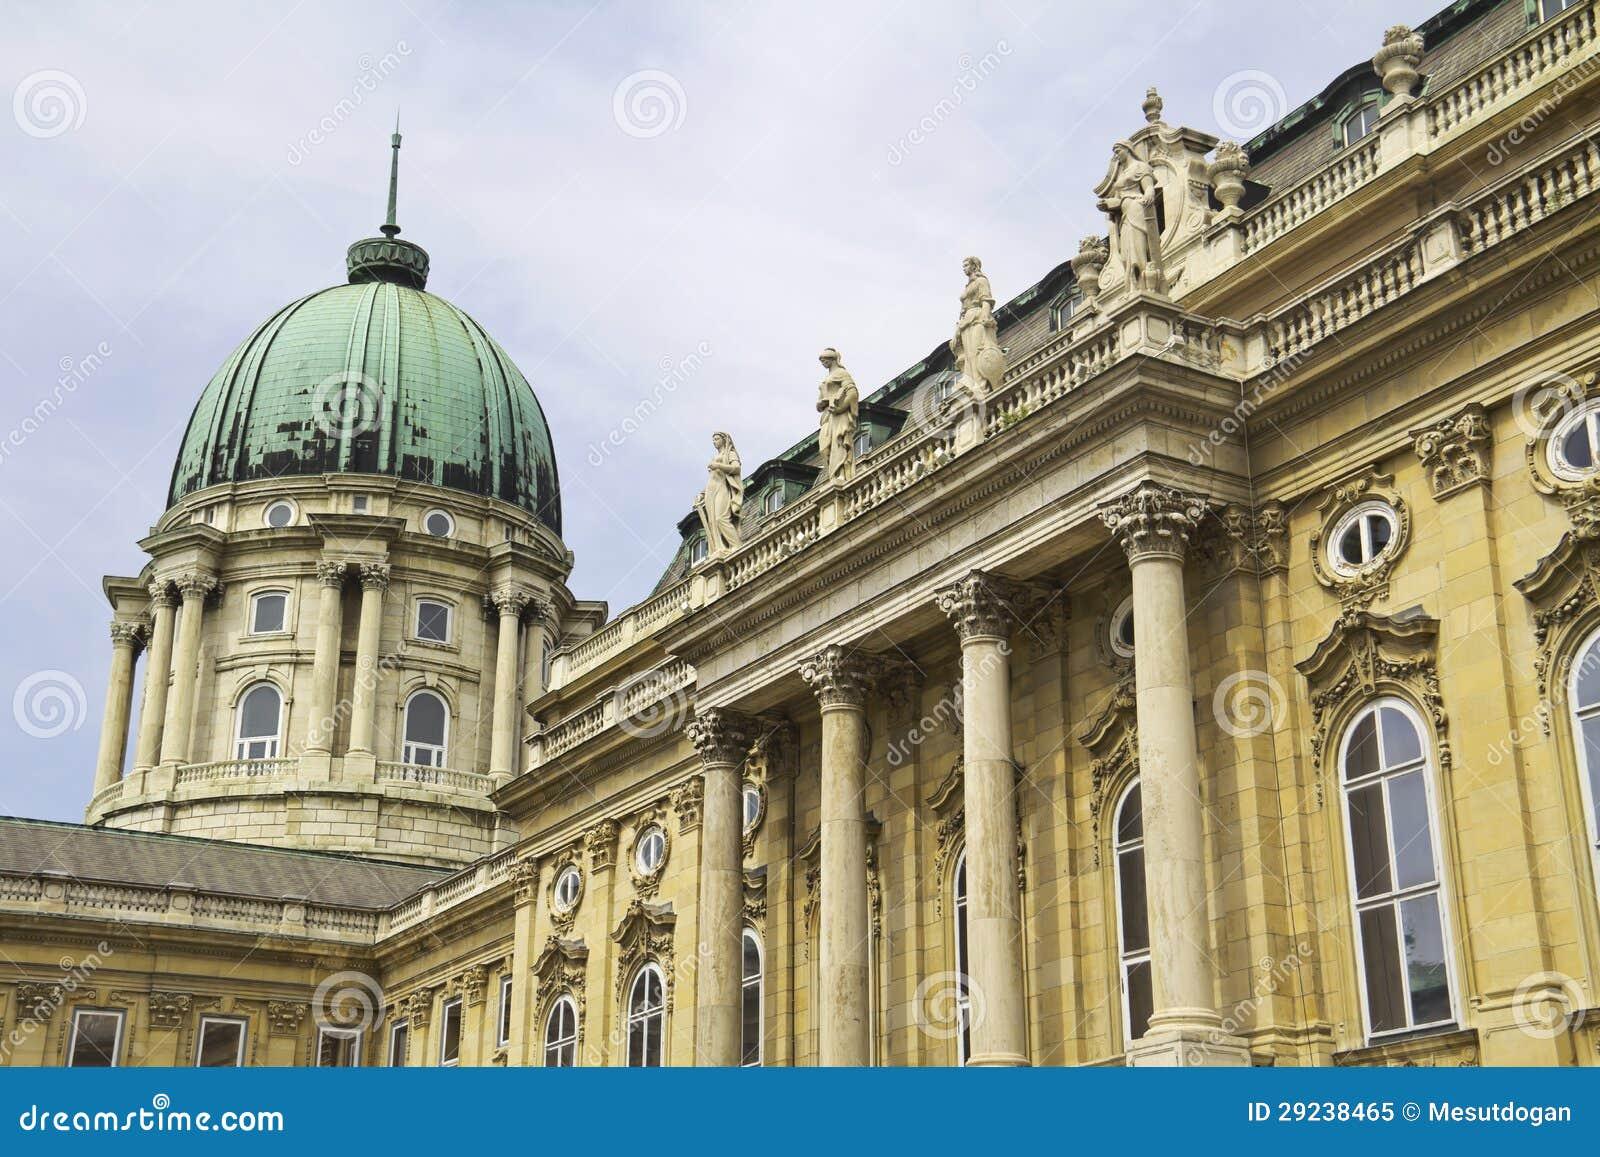 Download Royal Palace imagem de stock. Imagem de cityscape, lugar - 29238465